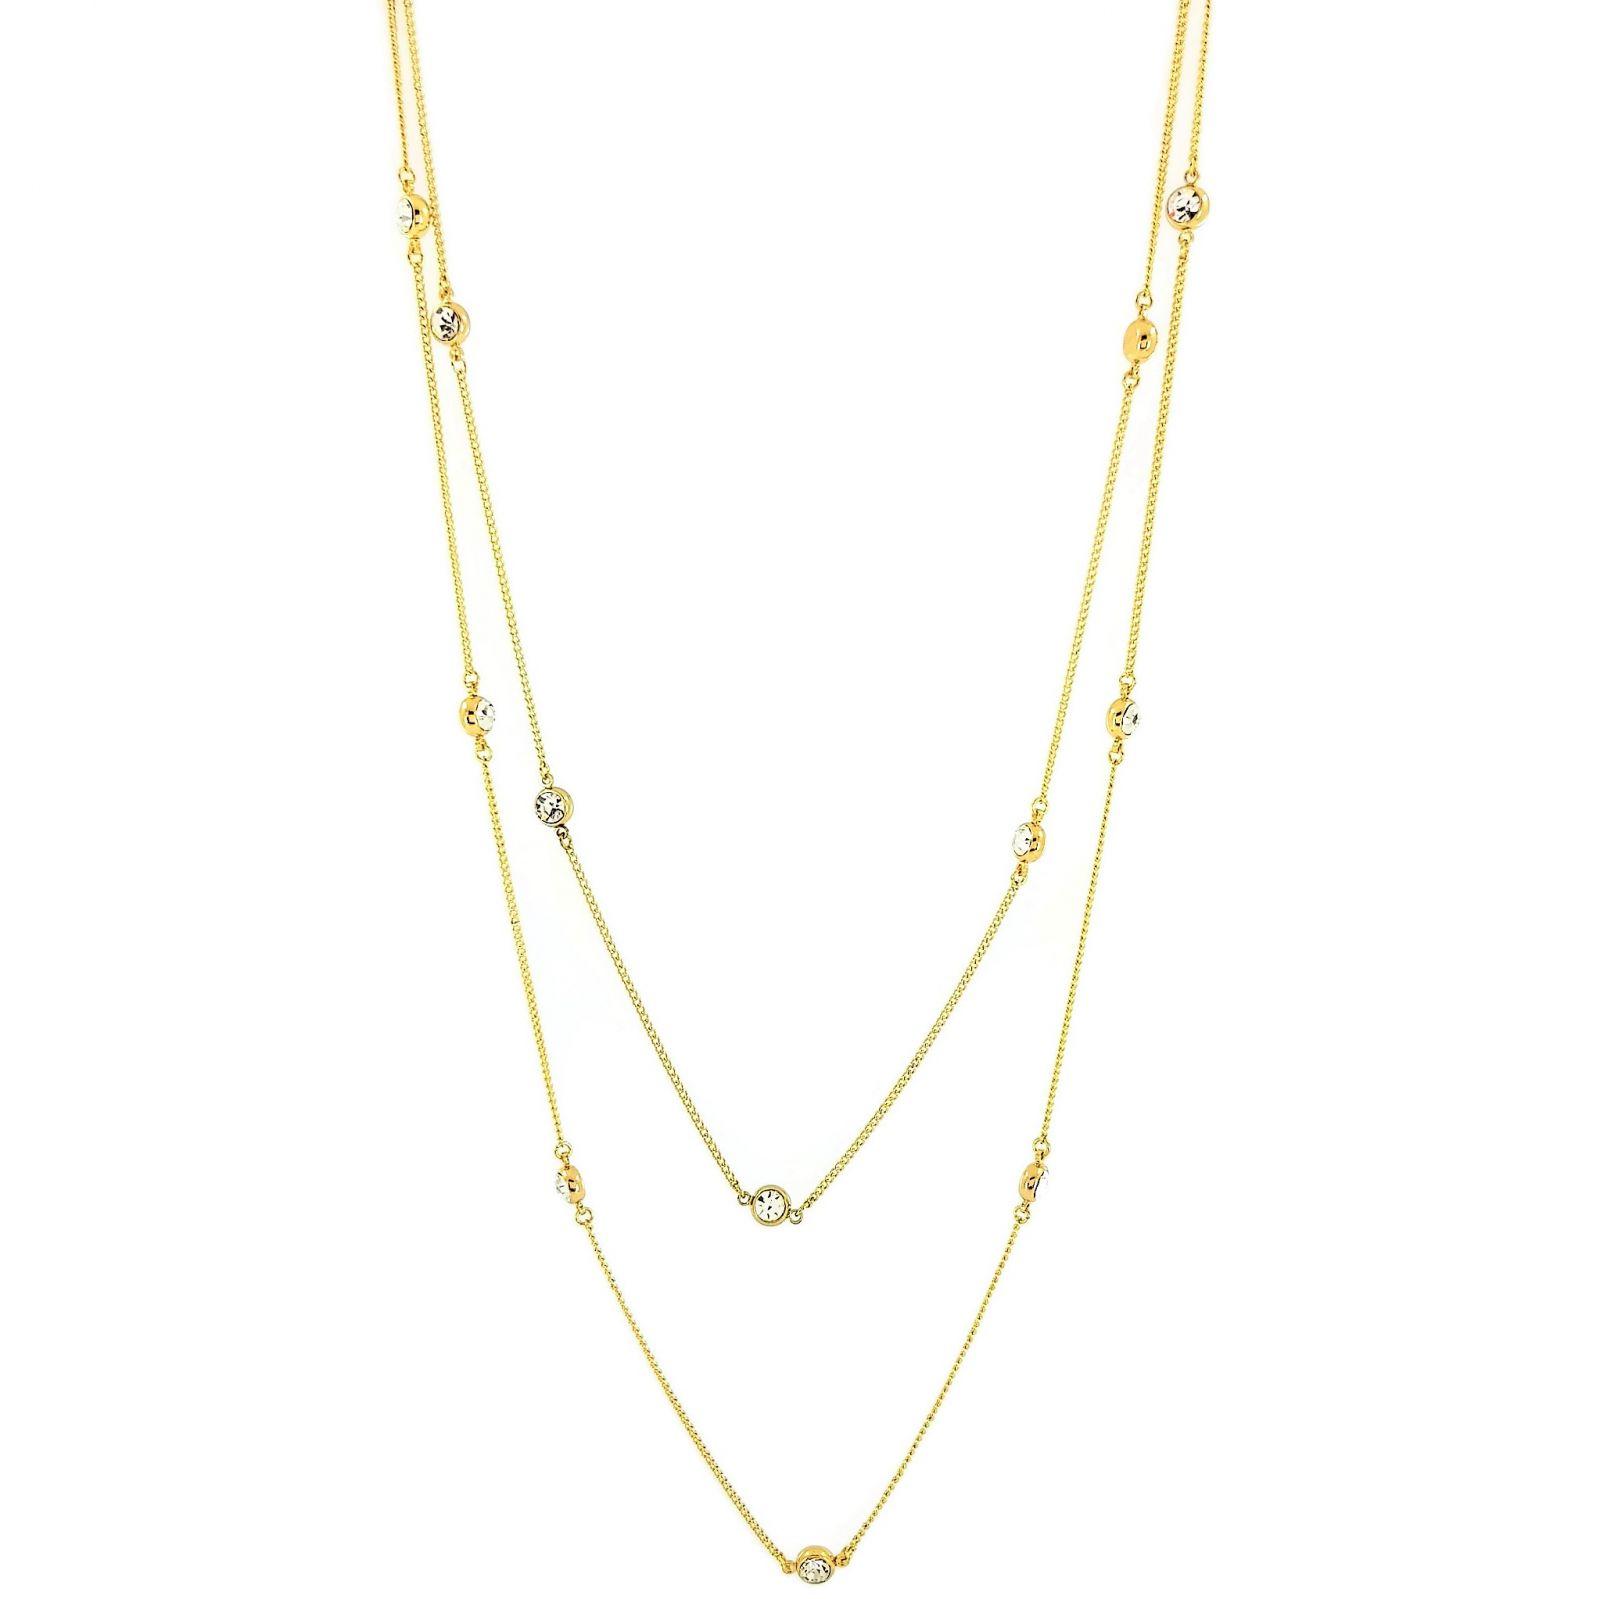 Dvojitý zlatý náhrdelník s kamínky GIIL